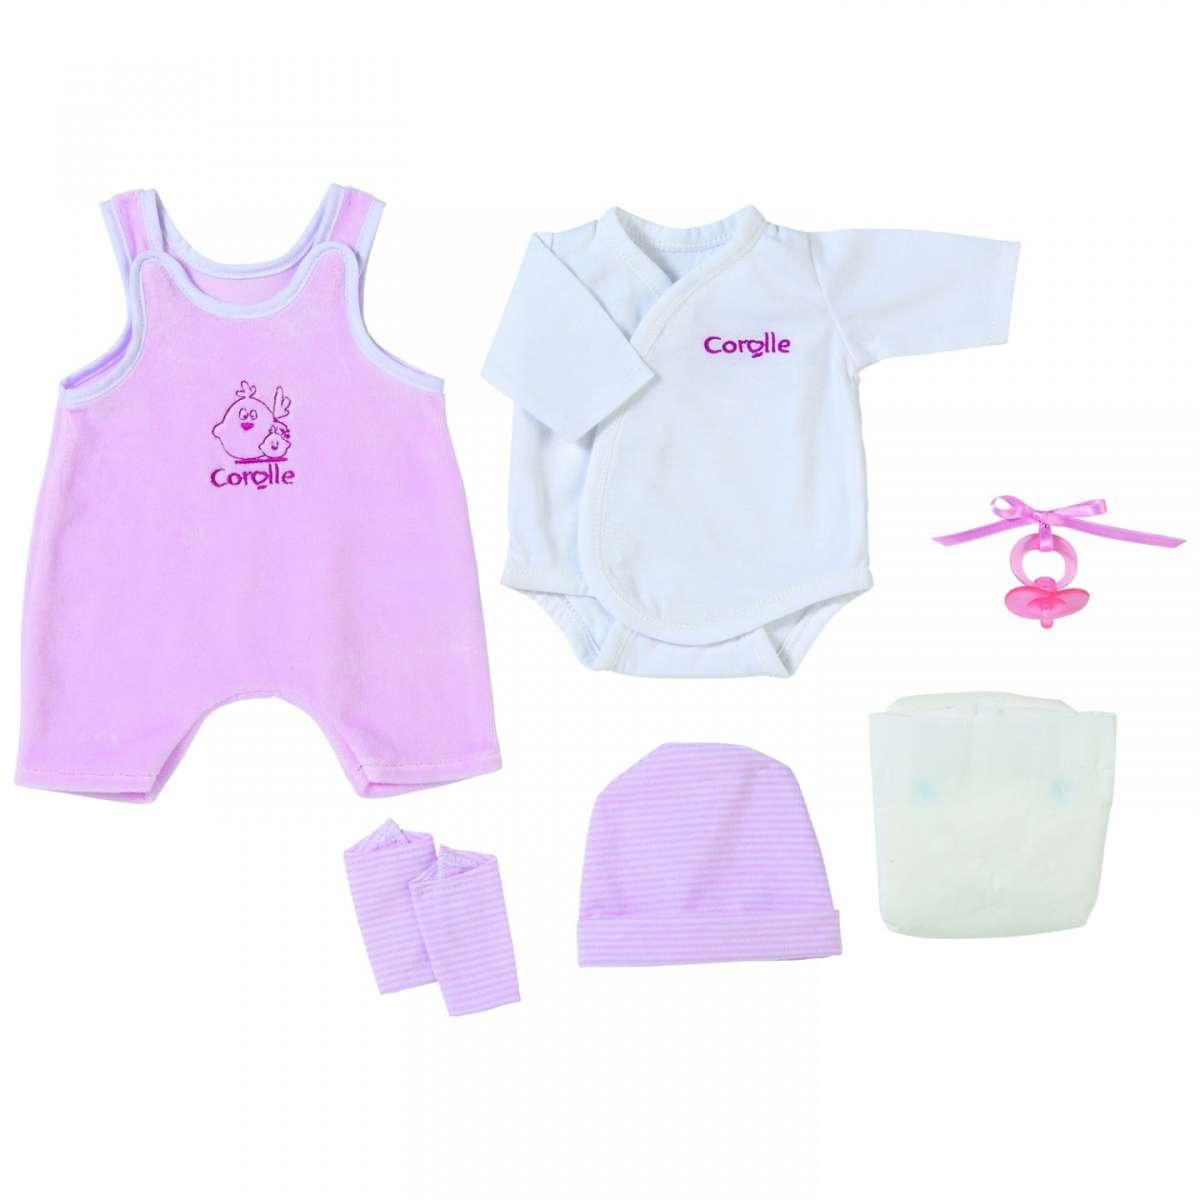 Lista corredo neonato  ecco cosa serve  foto   eb296c81eee